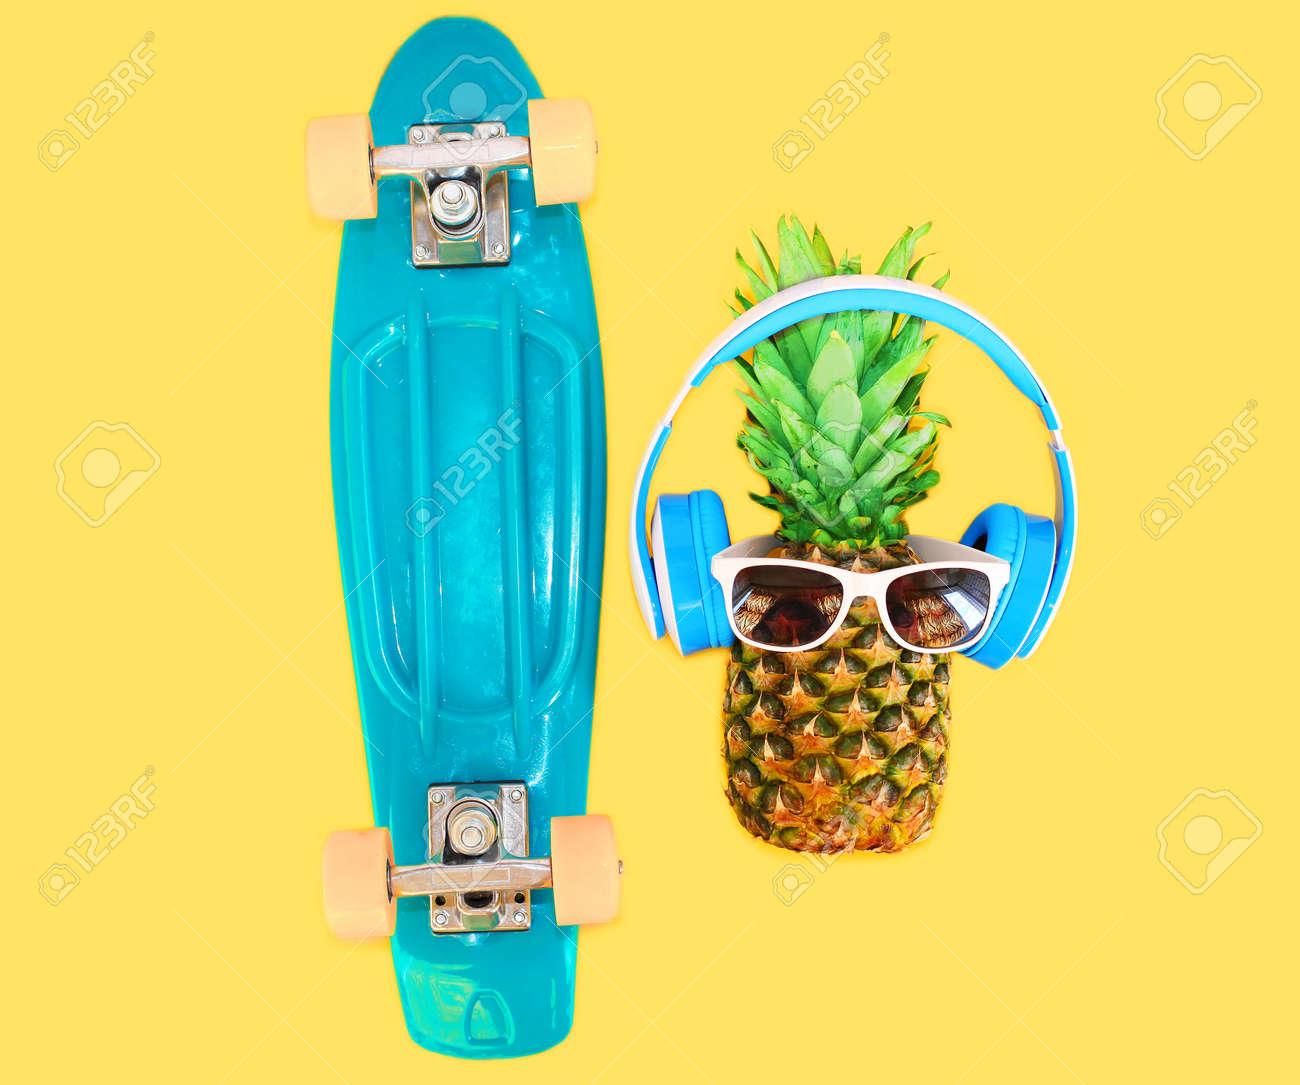 Auriculares Sobre De Sol Amarillo Piña Gafas Fondo Y Skate Con tCxsrQhd